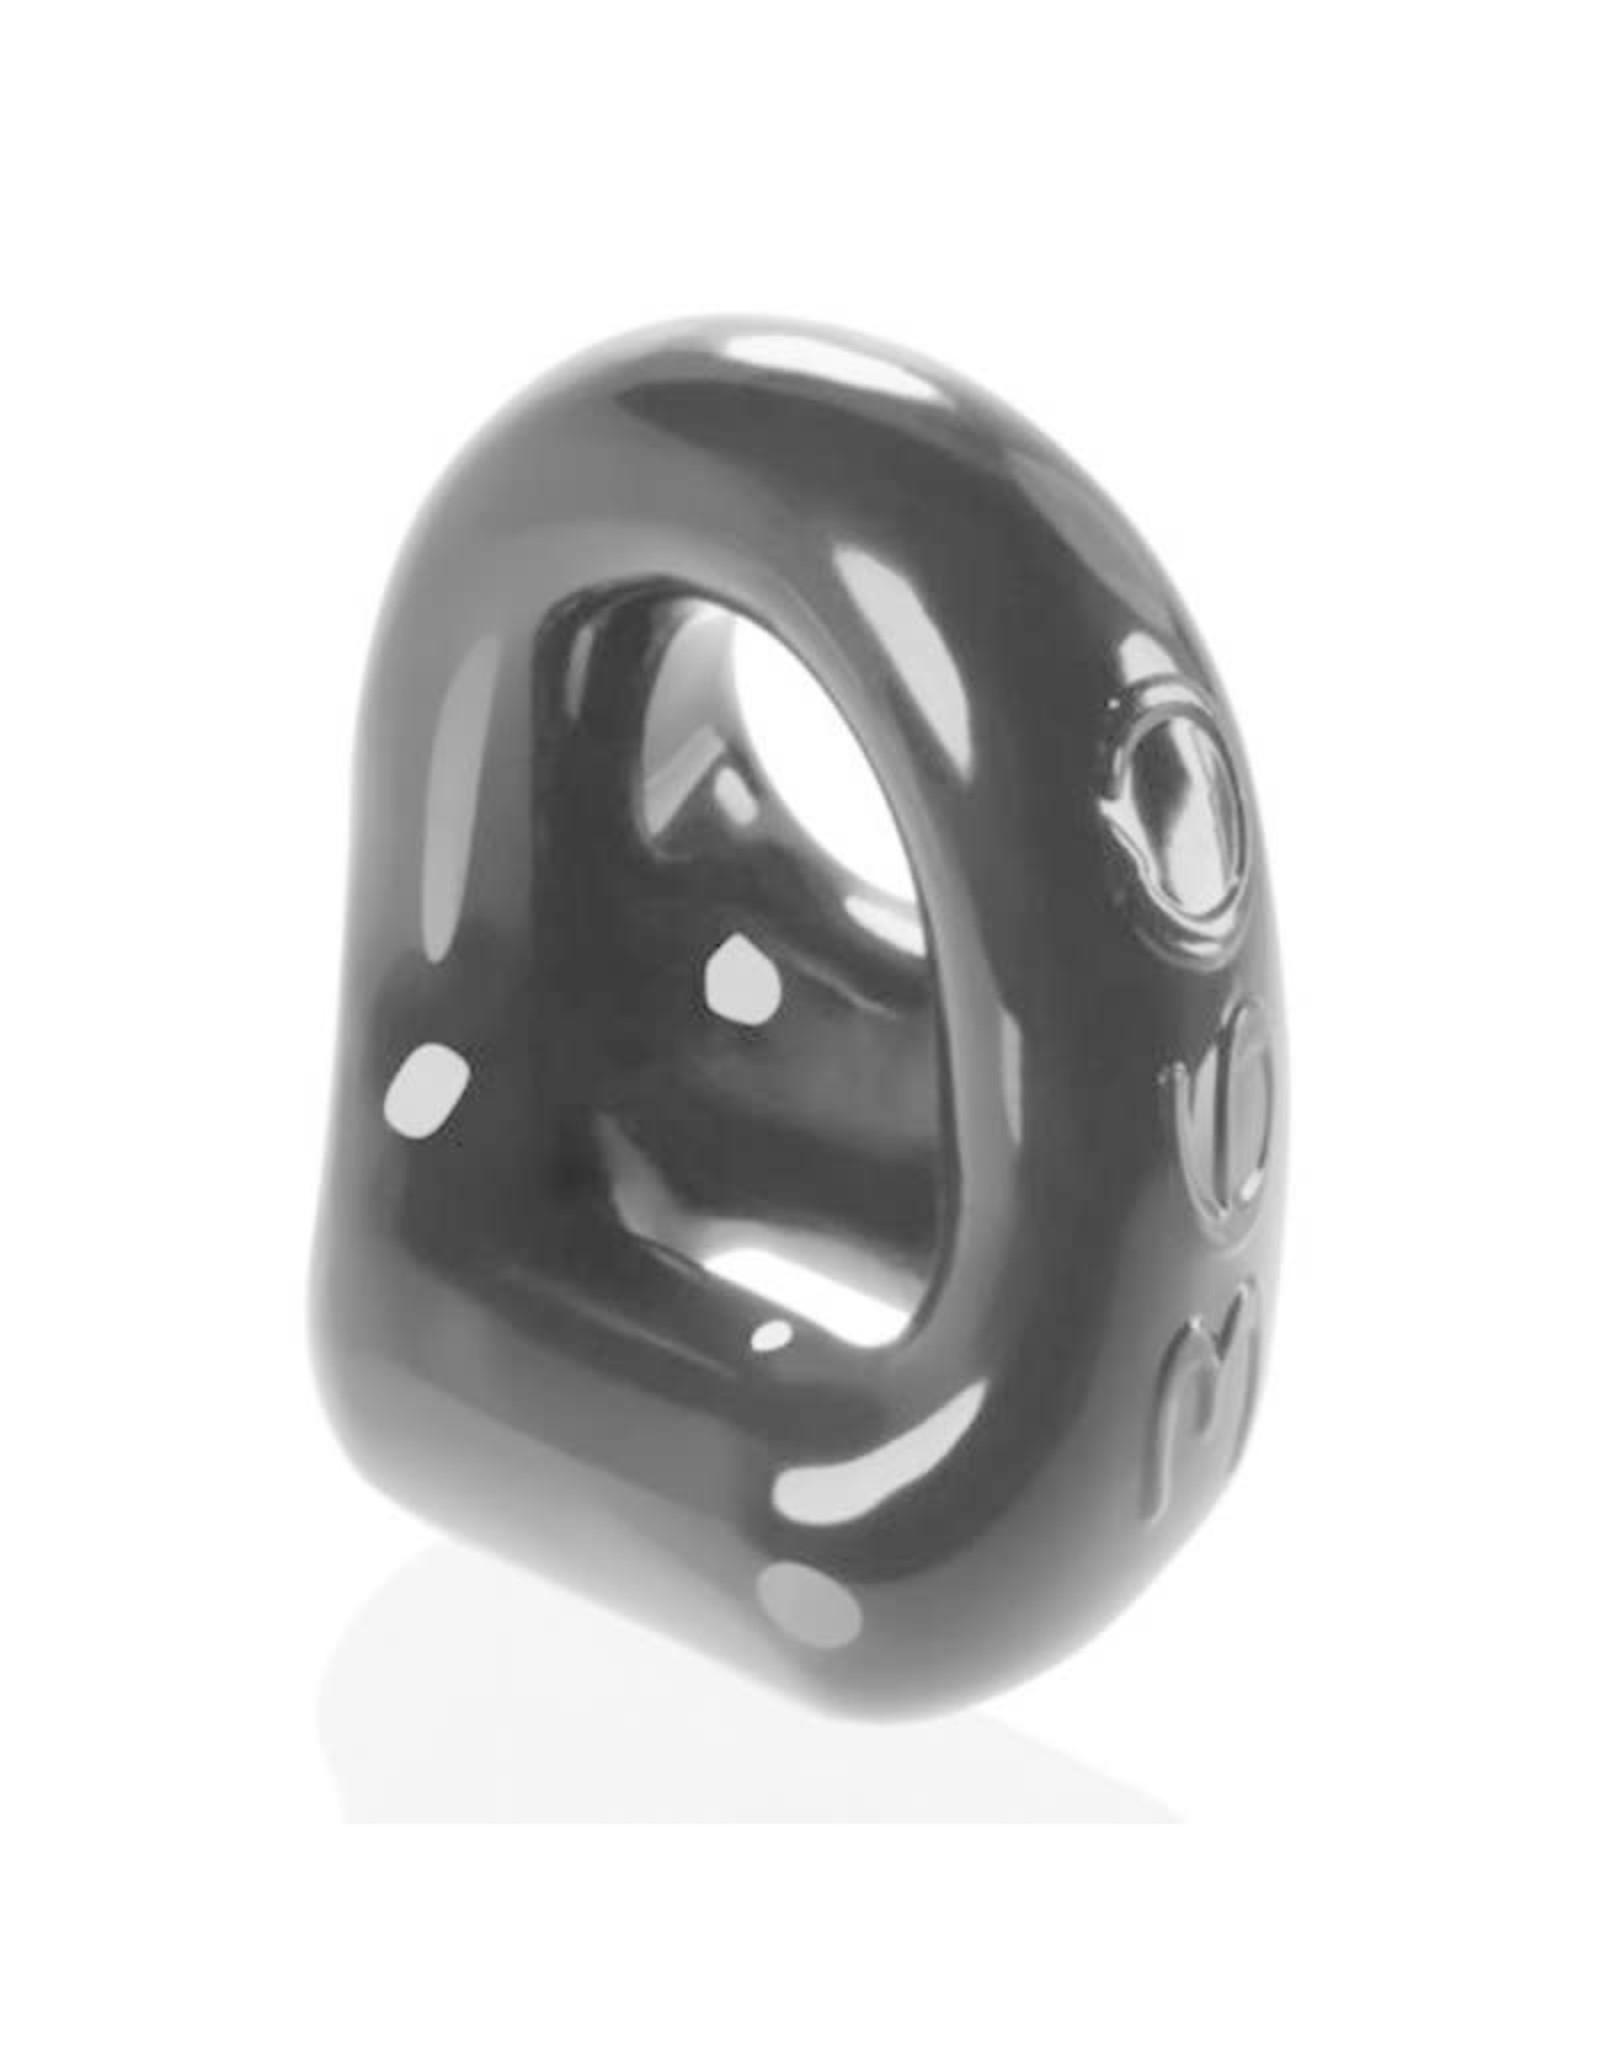 OXBALLS - 360 DUAL COCK RING & BALL SLING - BLACK